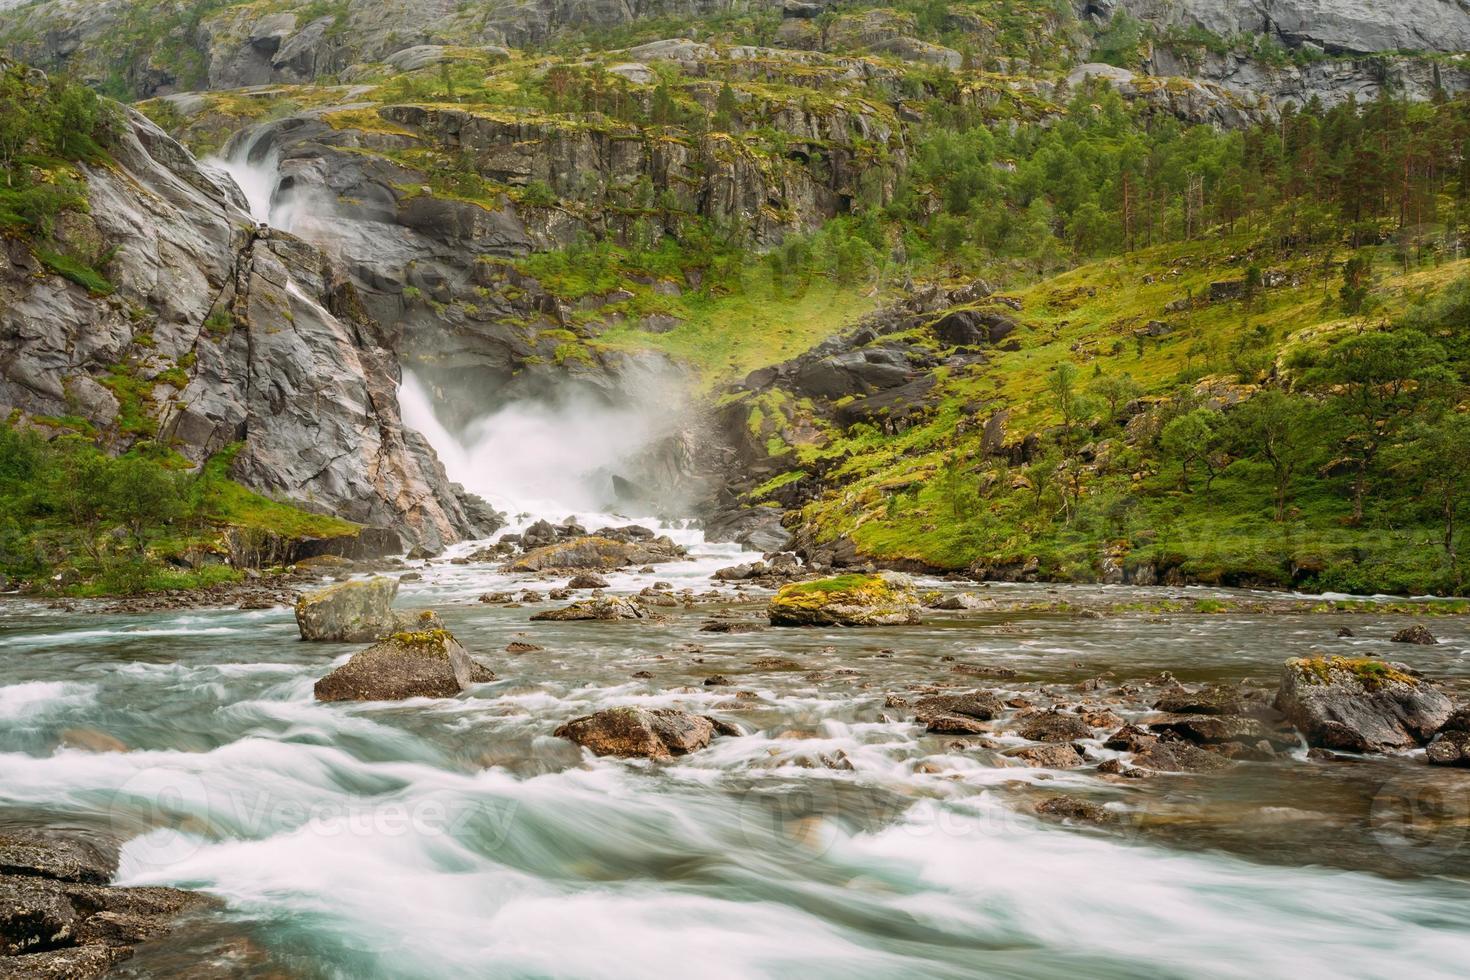 prachtige waterval in de vallei van watervallen in noorwegen foto